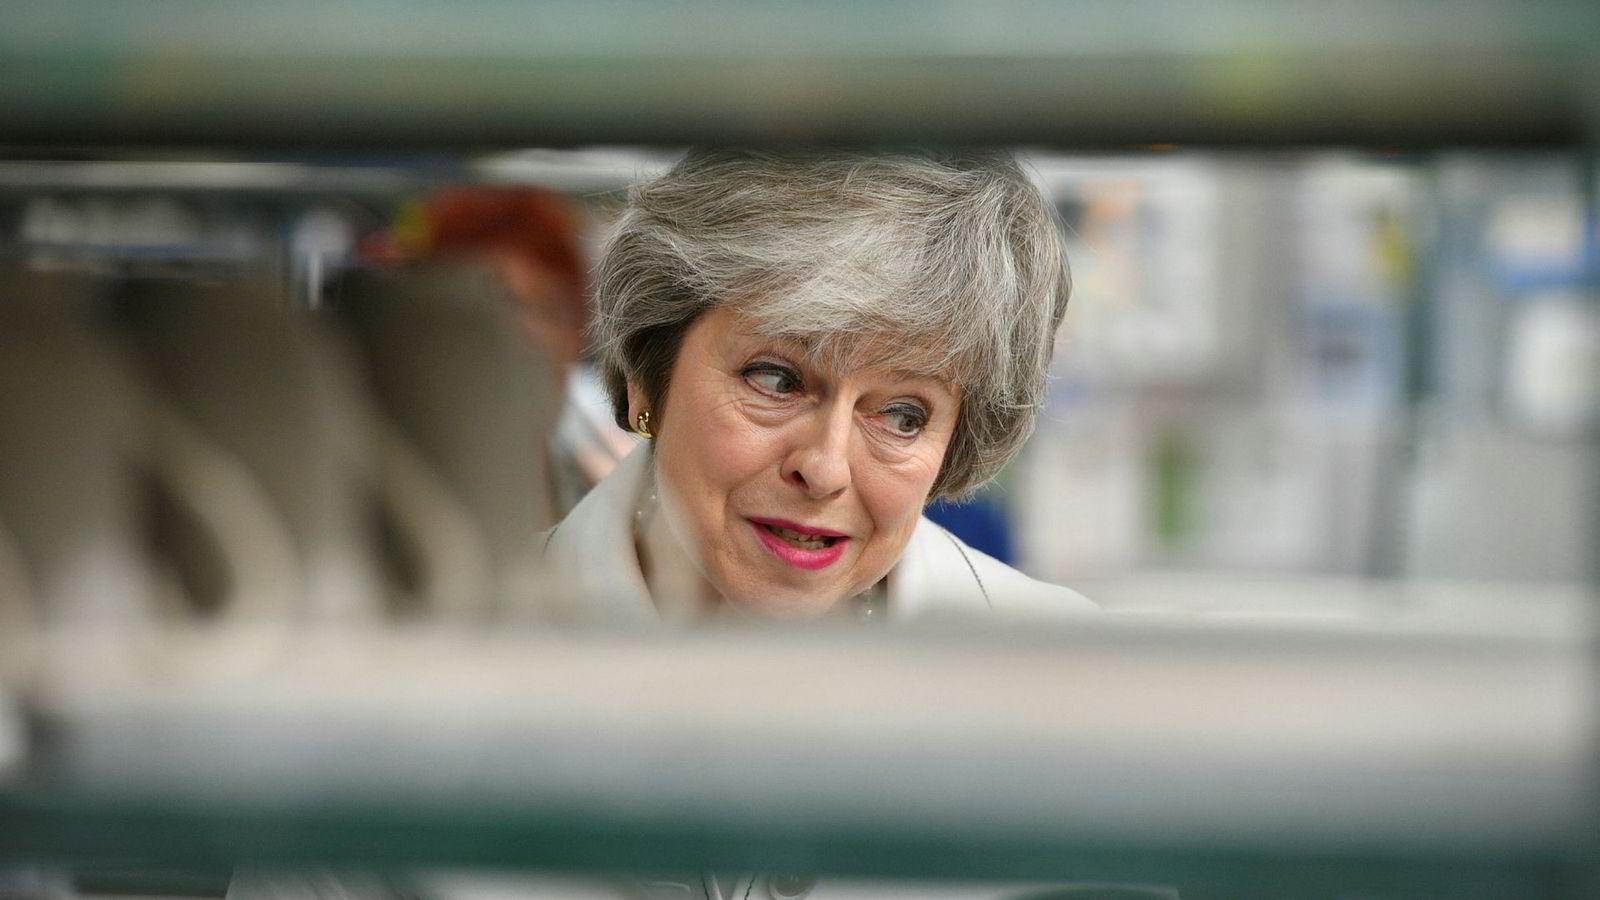 Statsminister Theresa May besøker her fabrikken Portmeirion i Stoke-on-Trent mandag.